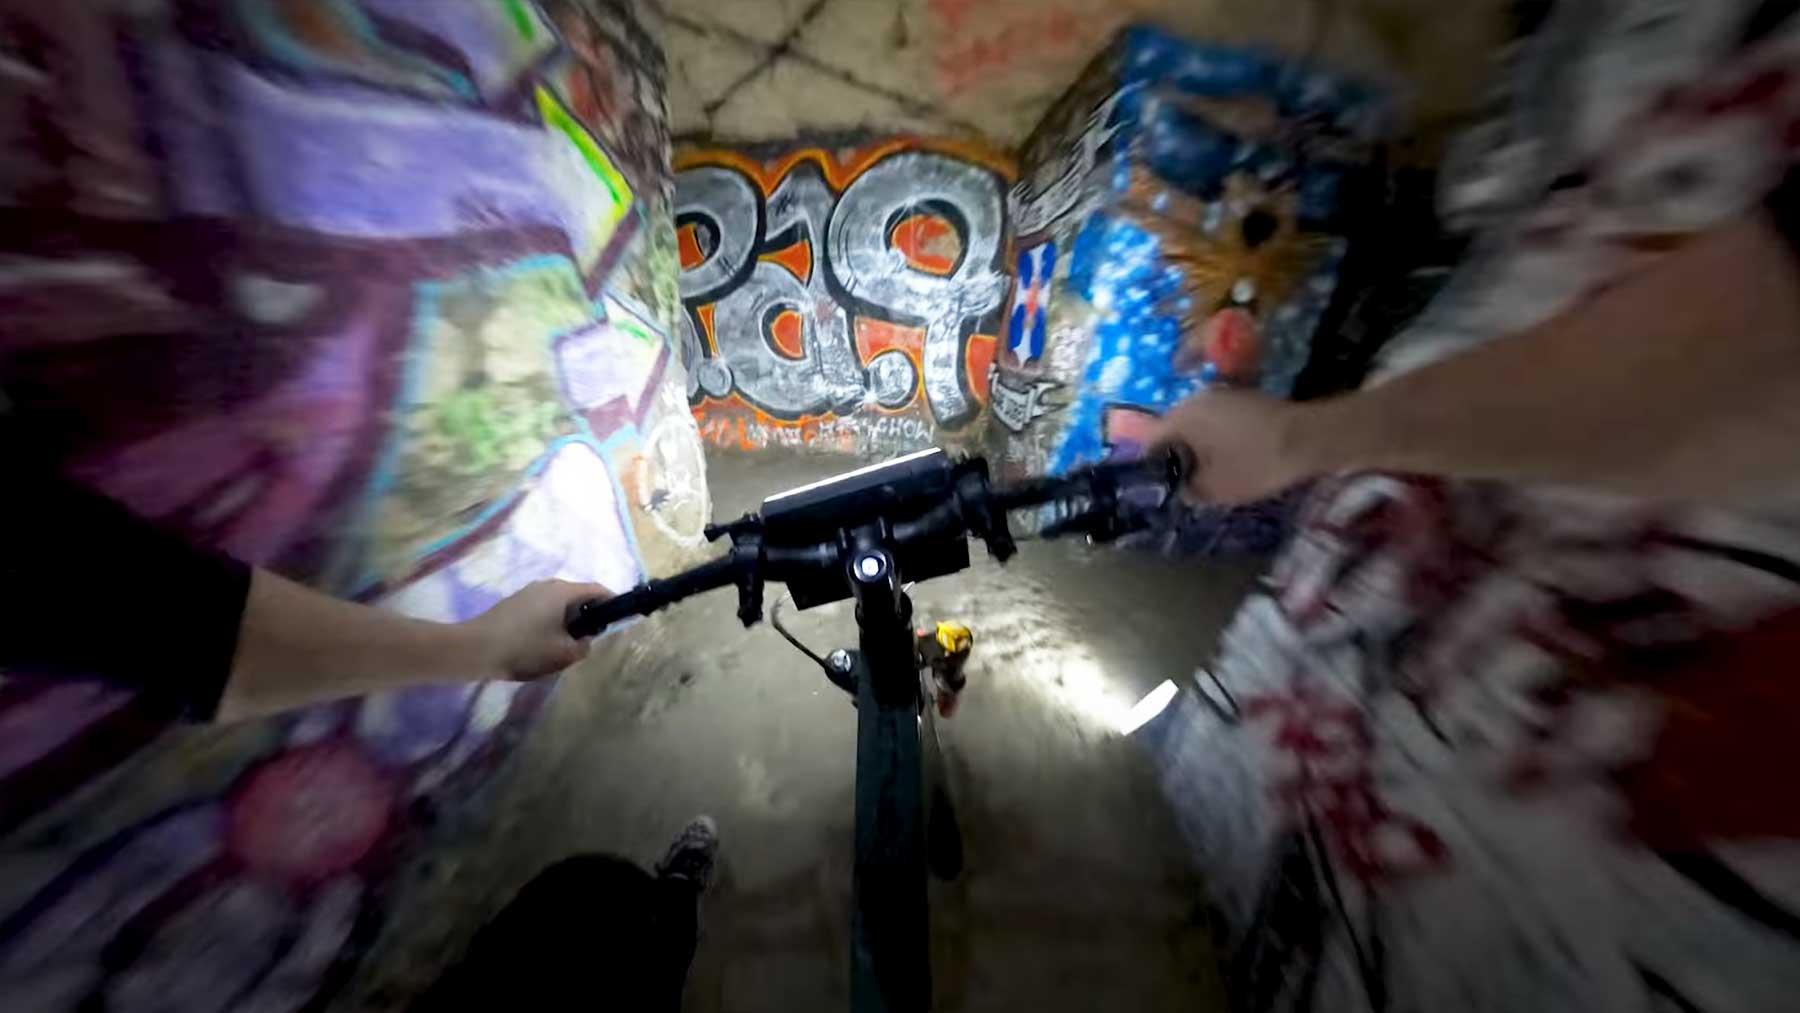 Auf dem Mountainbike durch die Katakomben von Paris rasen